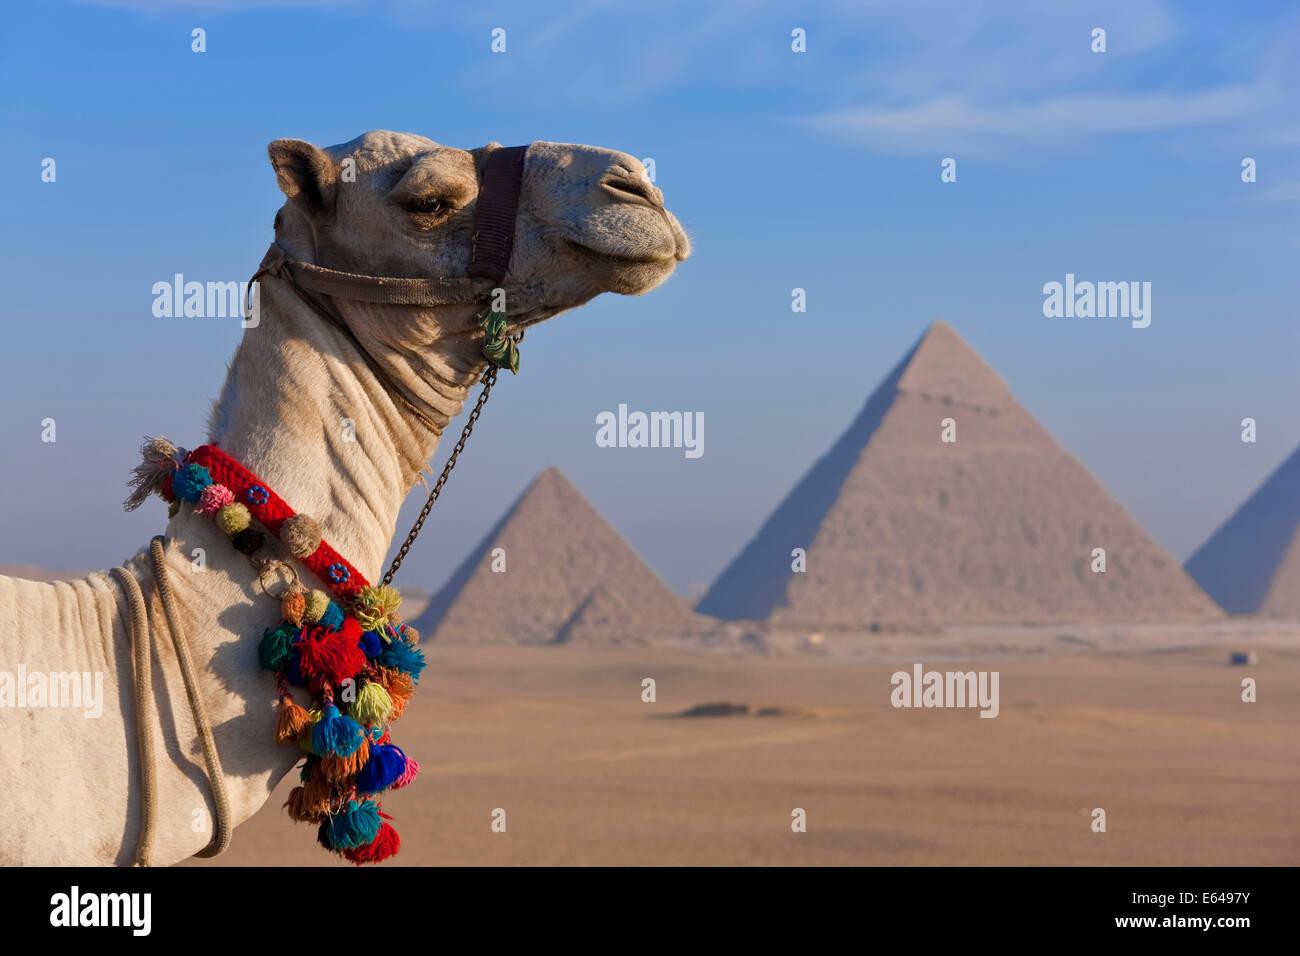 Los camellos y las pirámides en Giza, Egipto Imagen De Stock